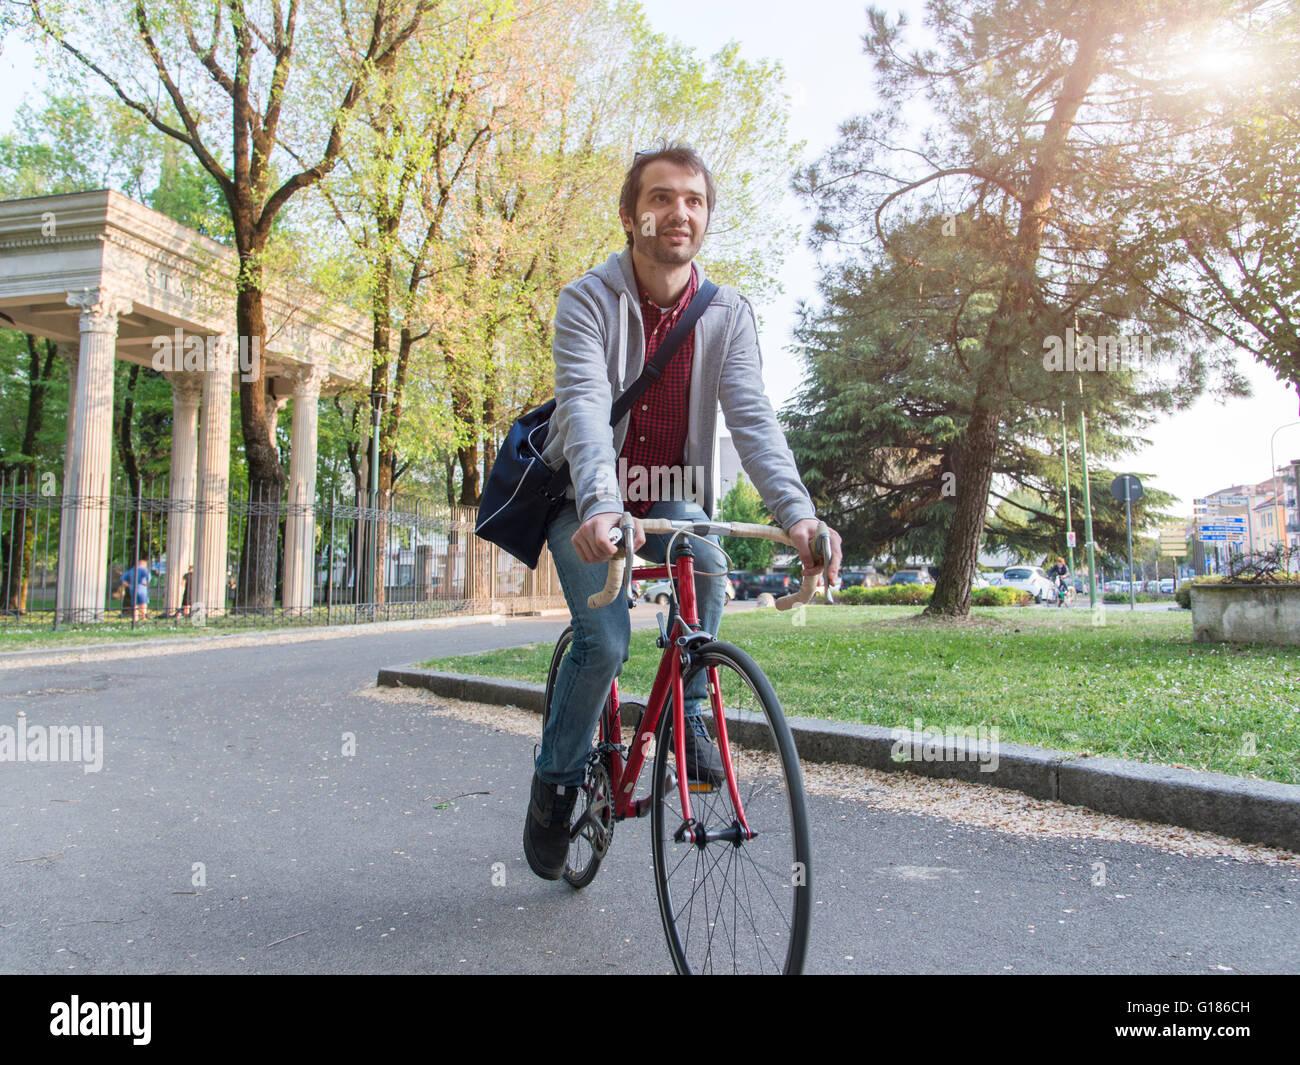 Uomo in bicicletta nel parco della città in una giornata di sole Immagini Stock